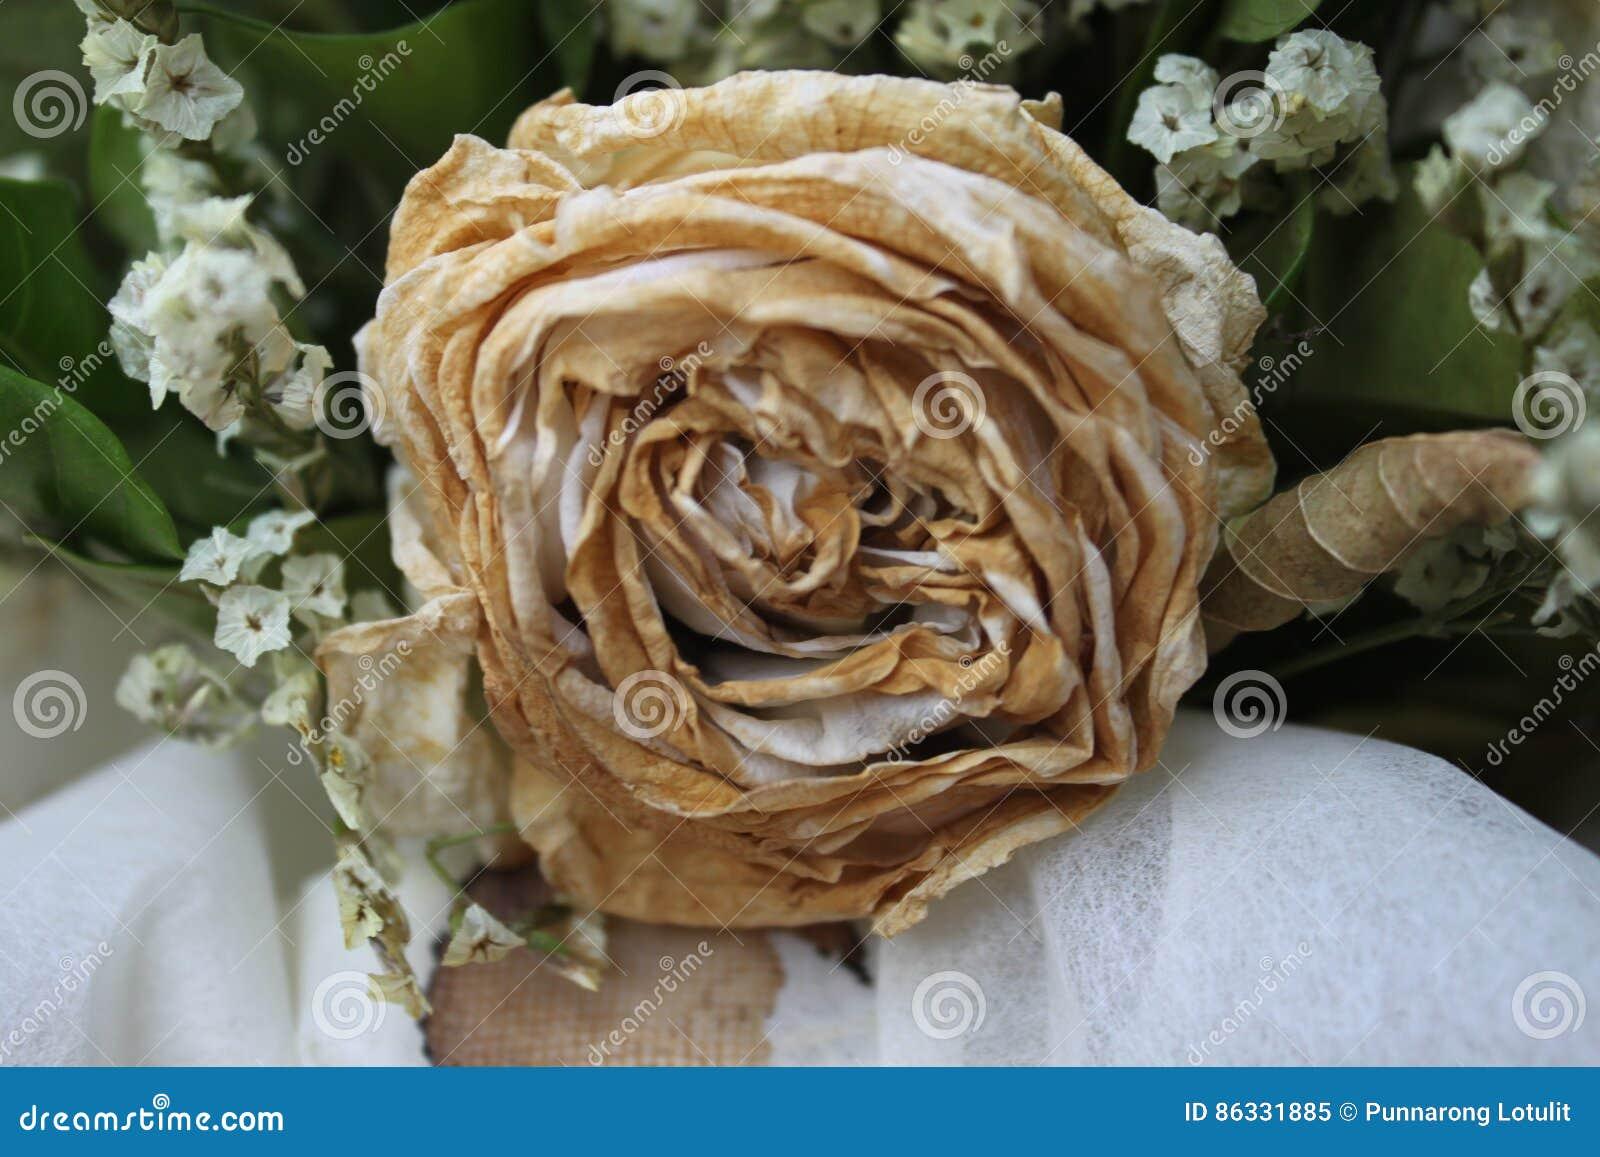 Sec Blanc S Est Leve Apres Le Saint Valentin Fane S Est Leve Image